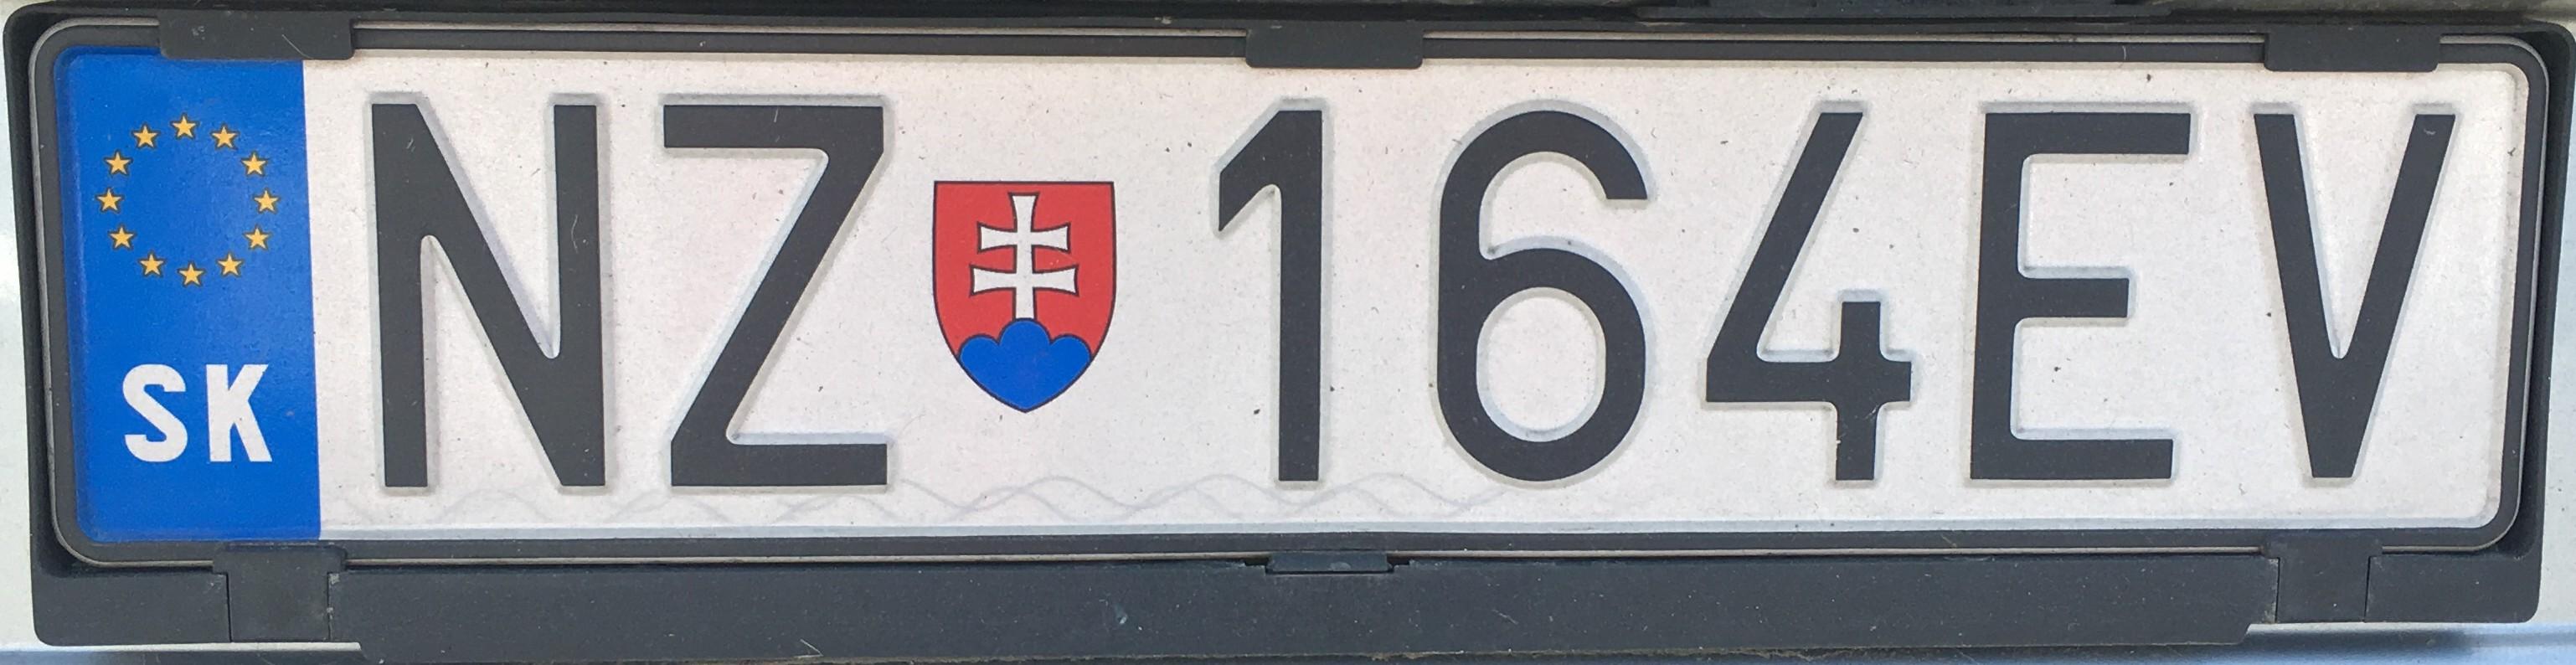 Registrační značka: NZ - Nové Zámky, foto: vlastní